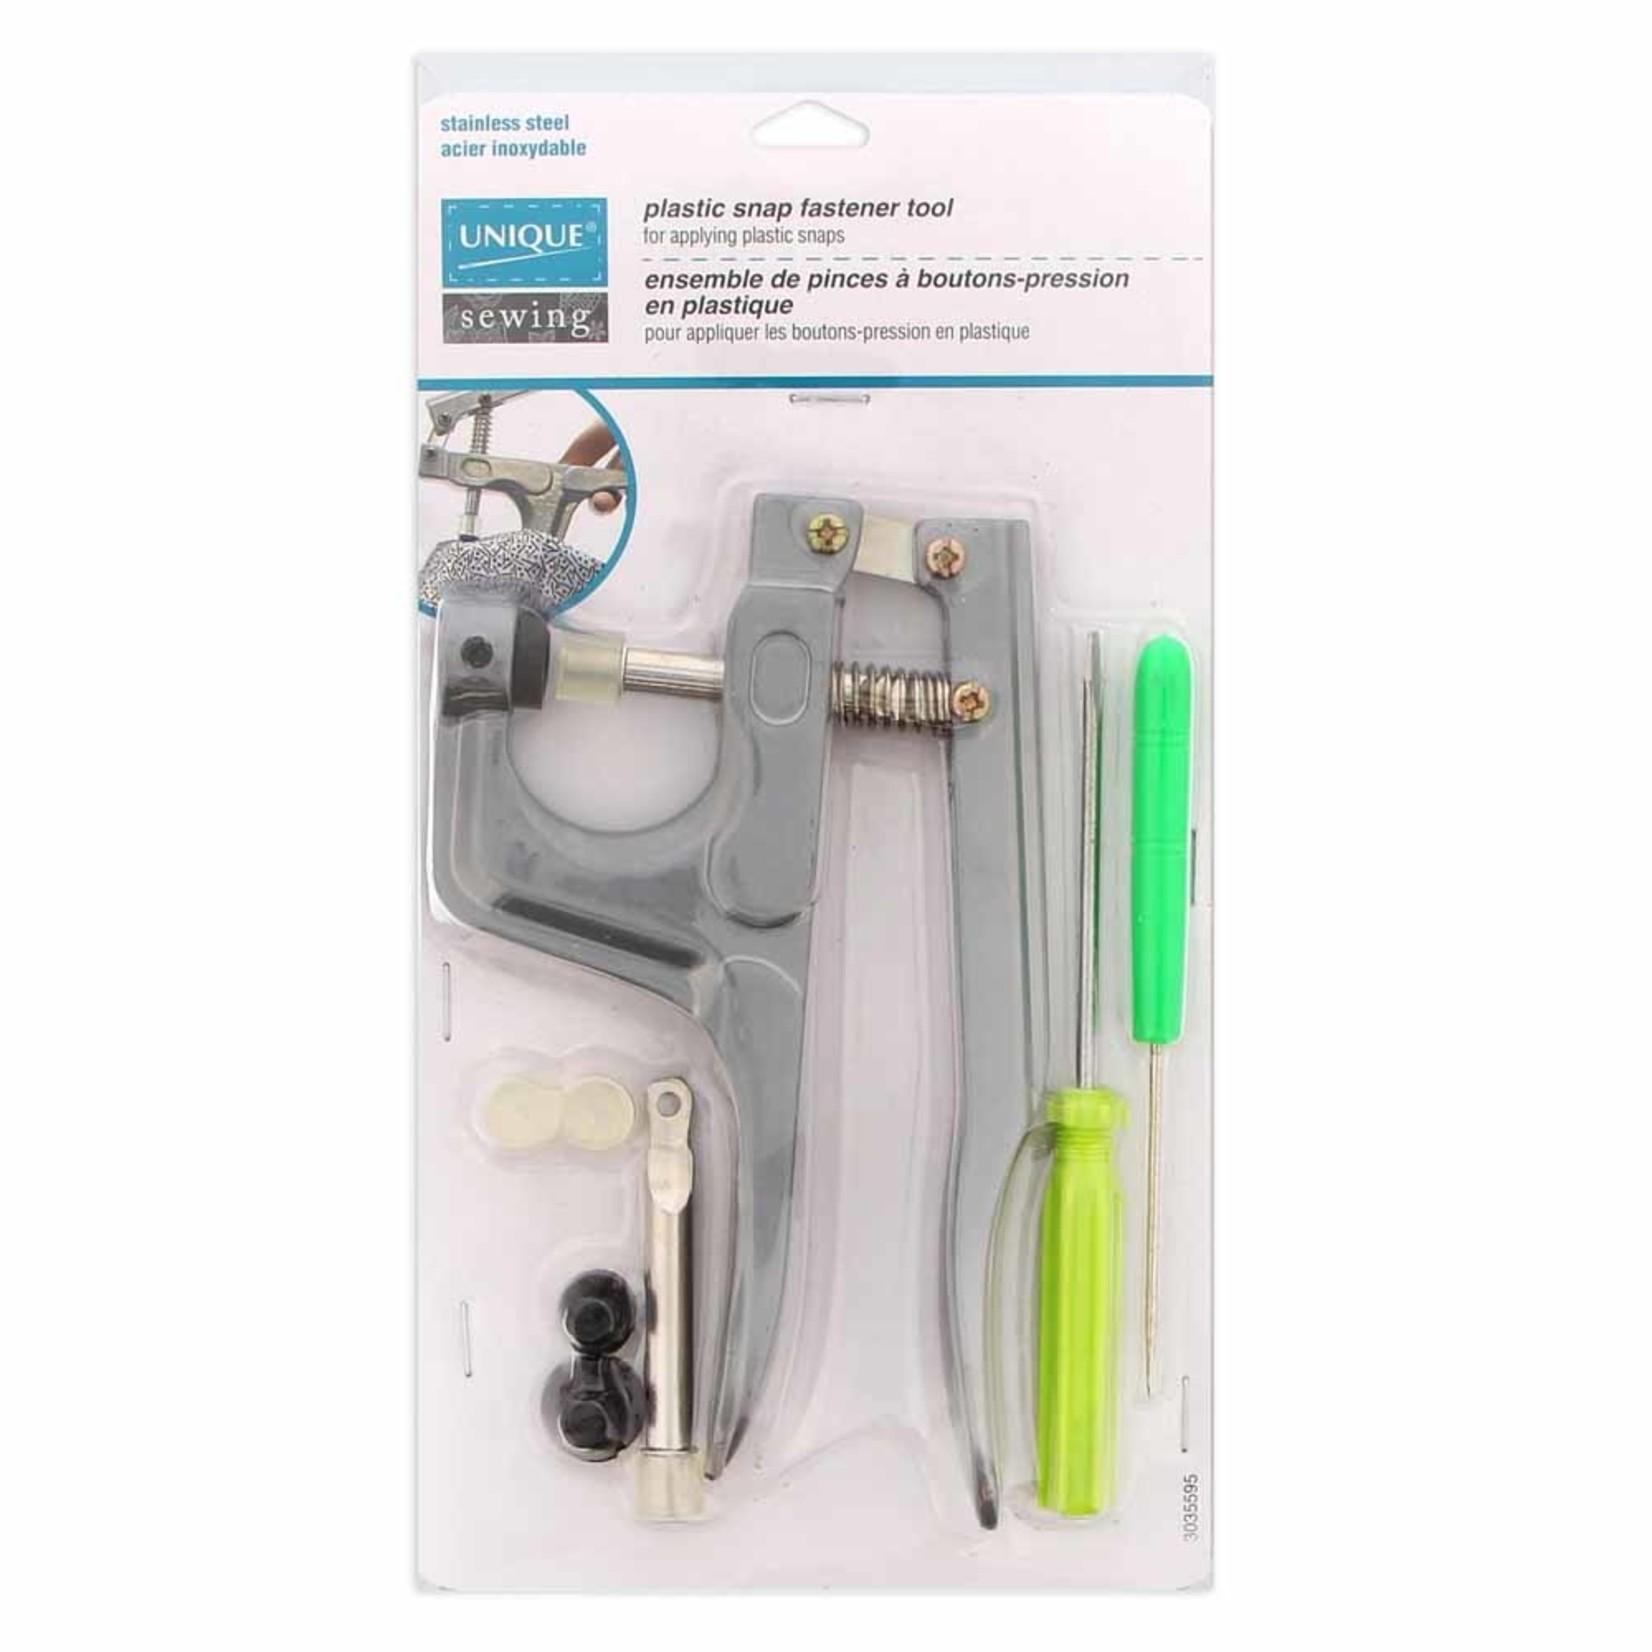 UNIQUE Plastic Snap Fastener Tool